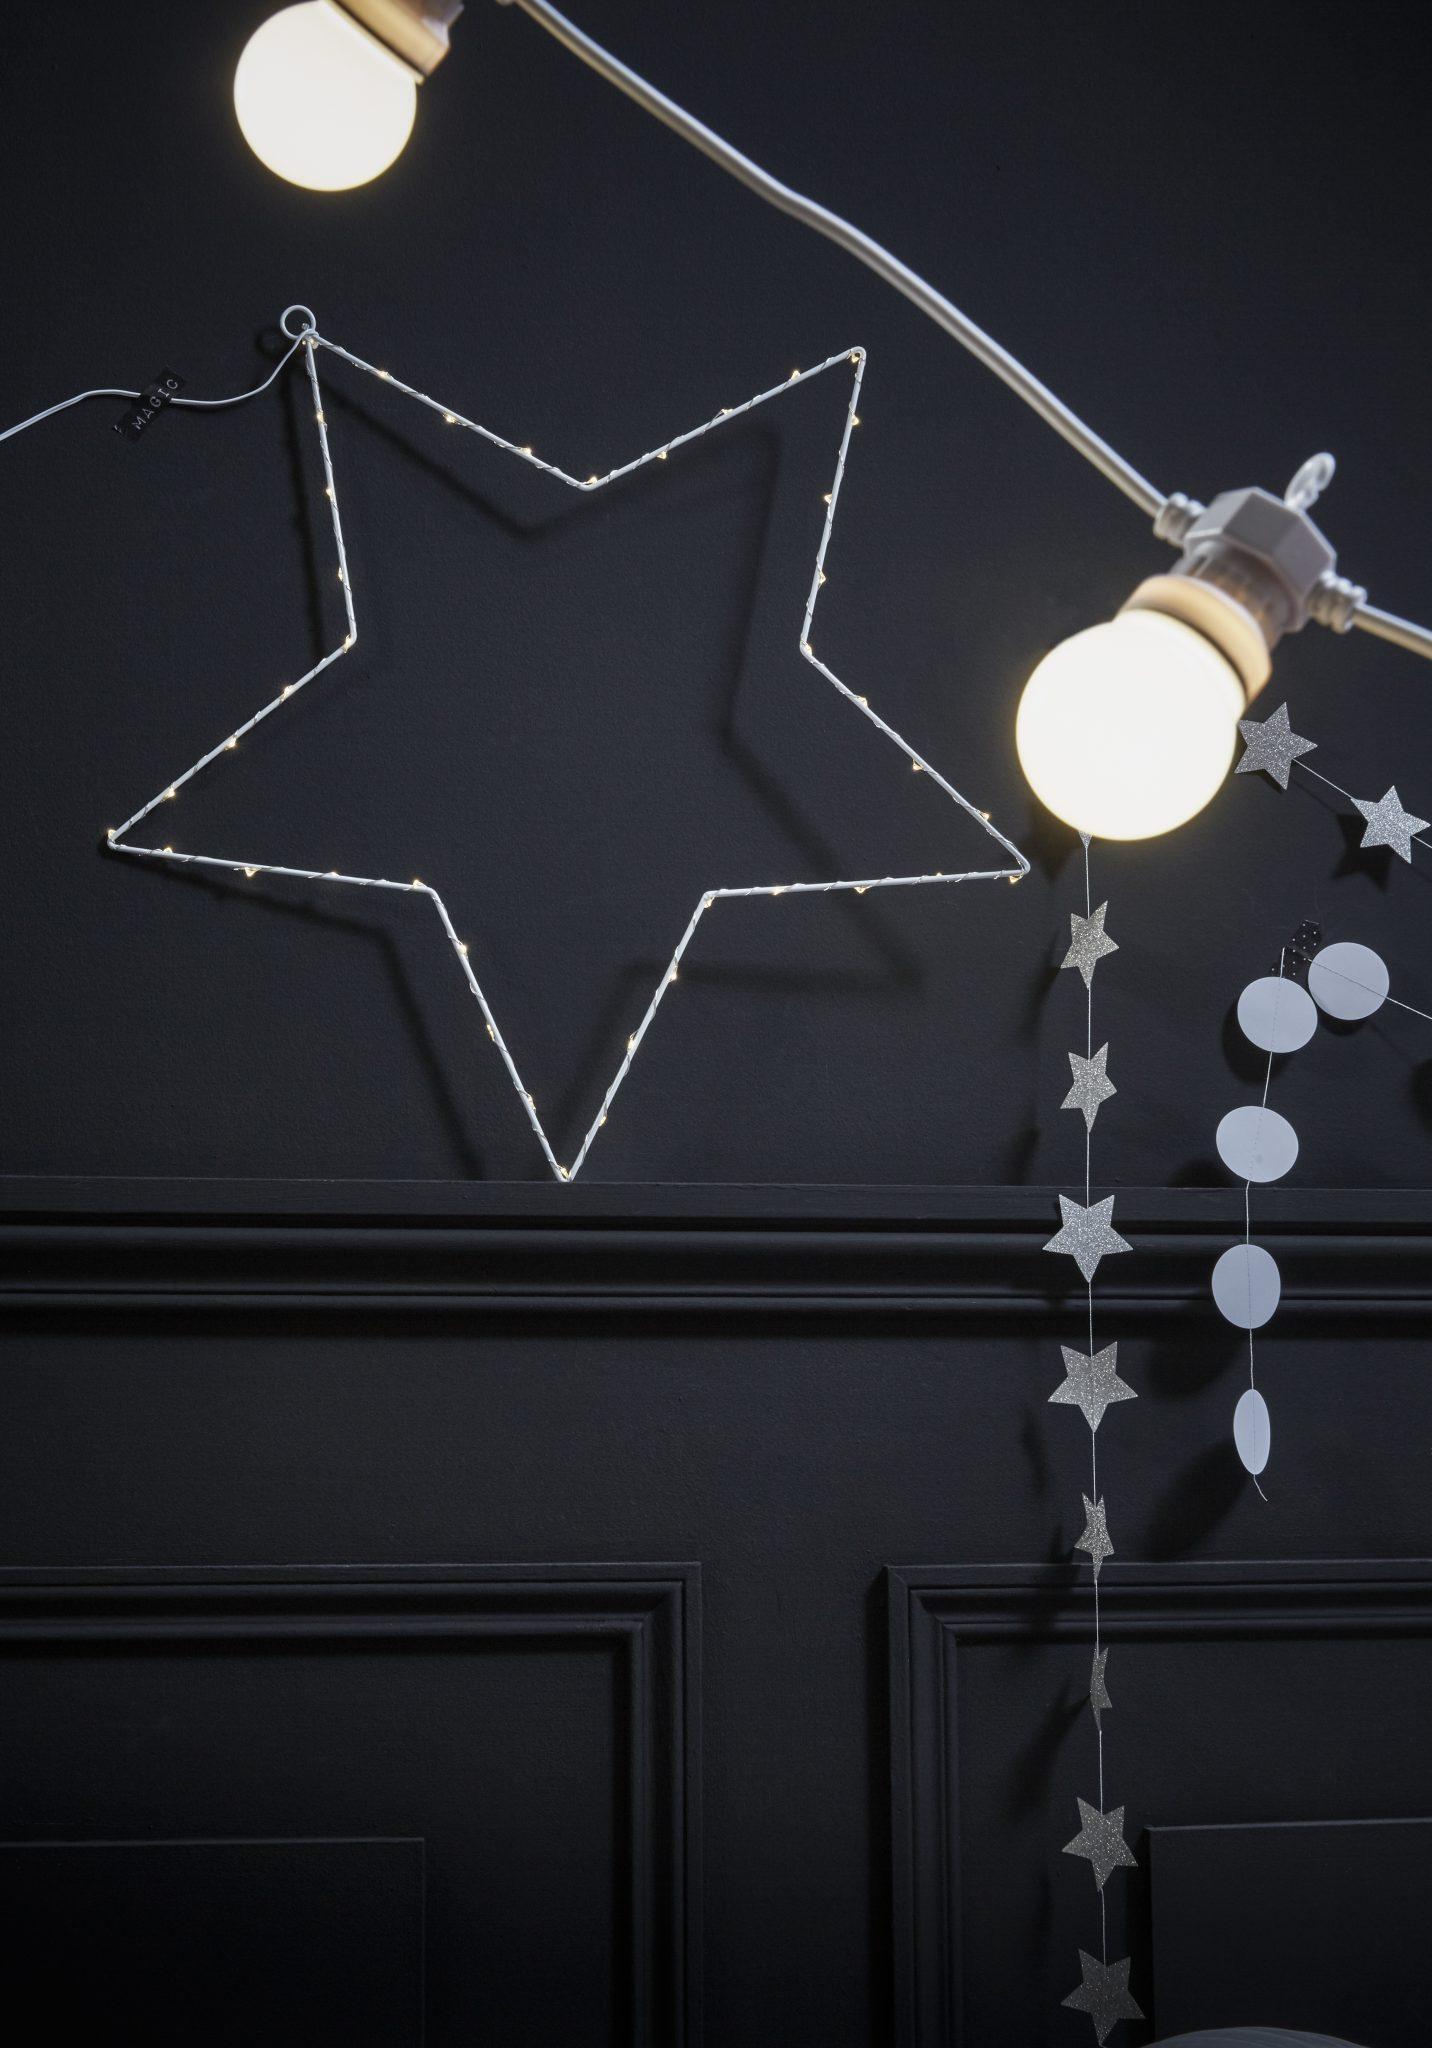 étoile lumineuse bonne année noir et blanc nouvel an saint sylvestre 31 décembre